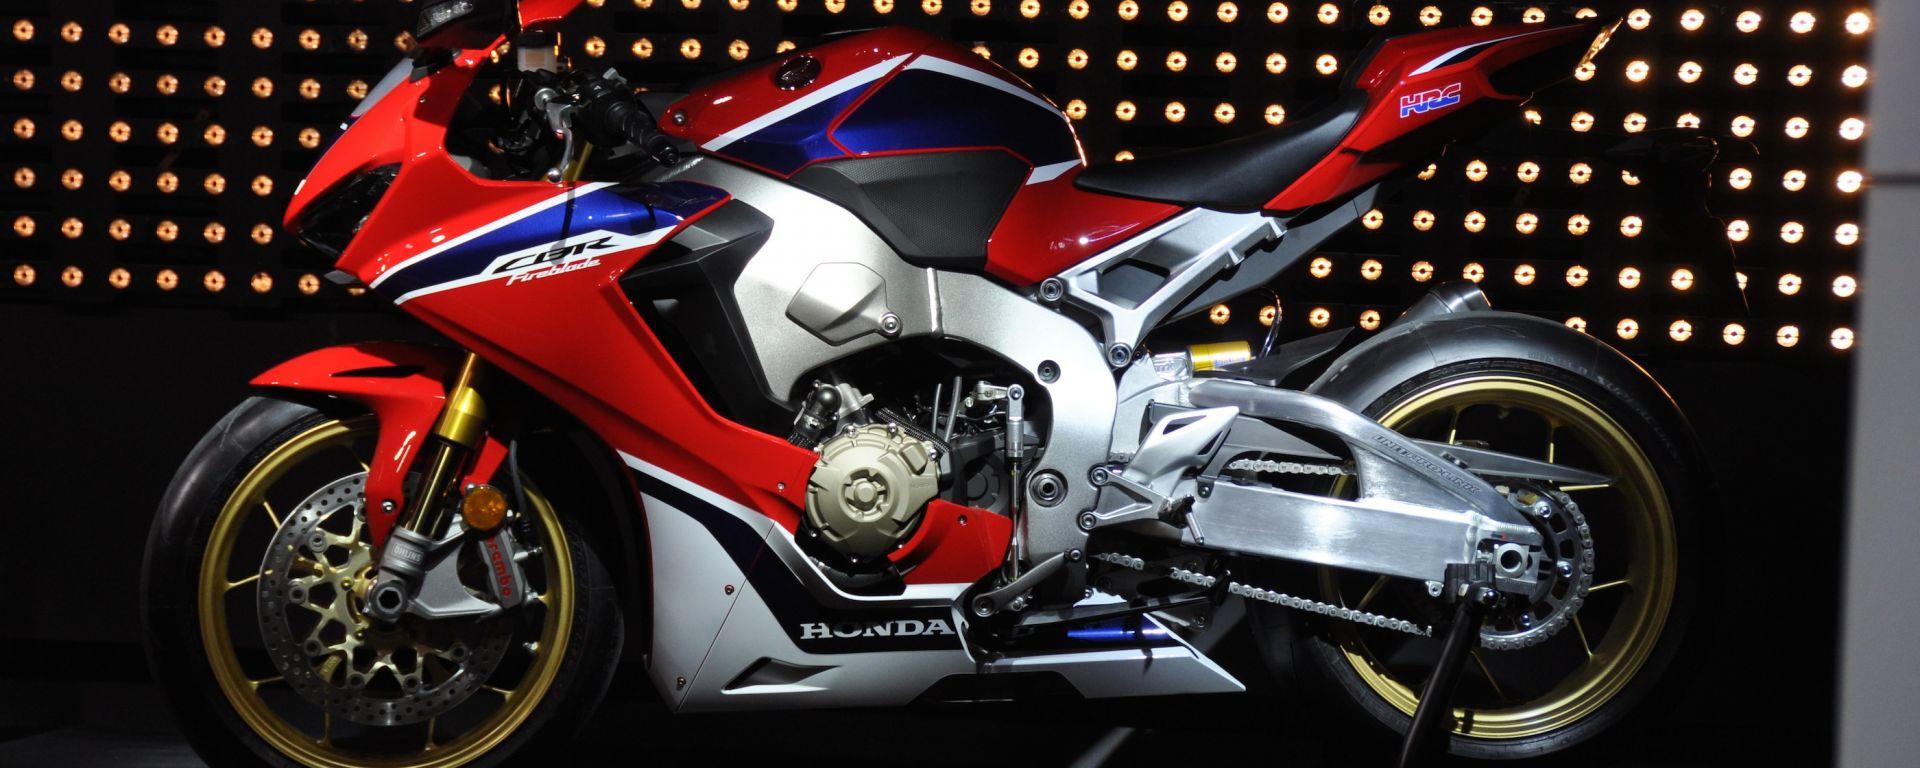 Honda CBR1000RR Fireblade SP, Intermot 2016